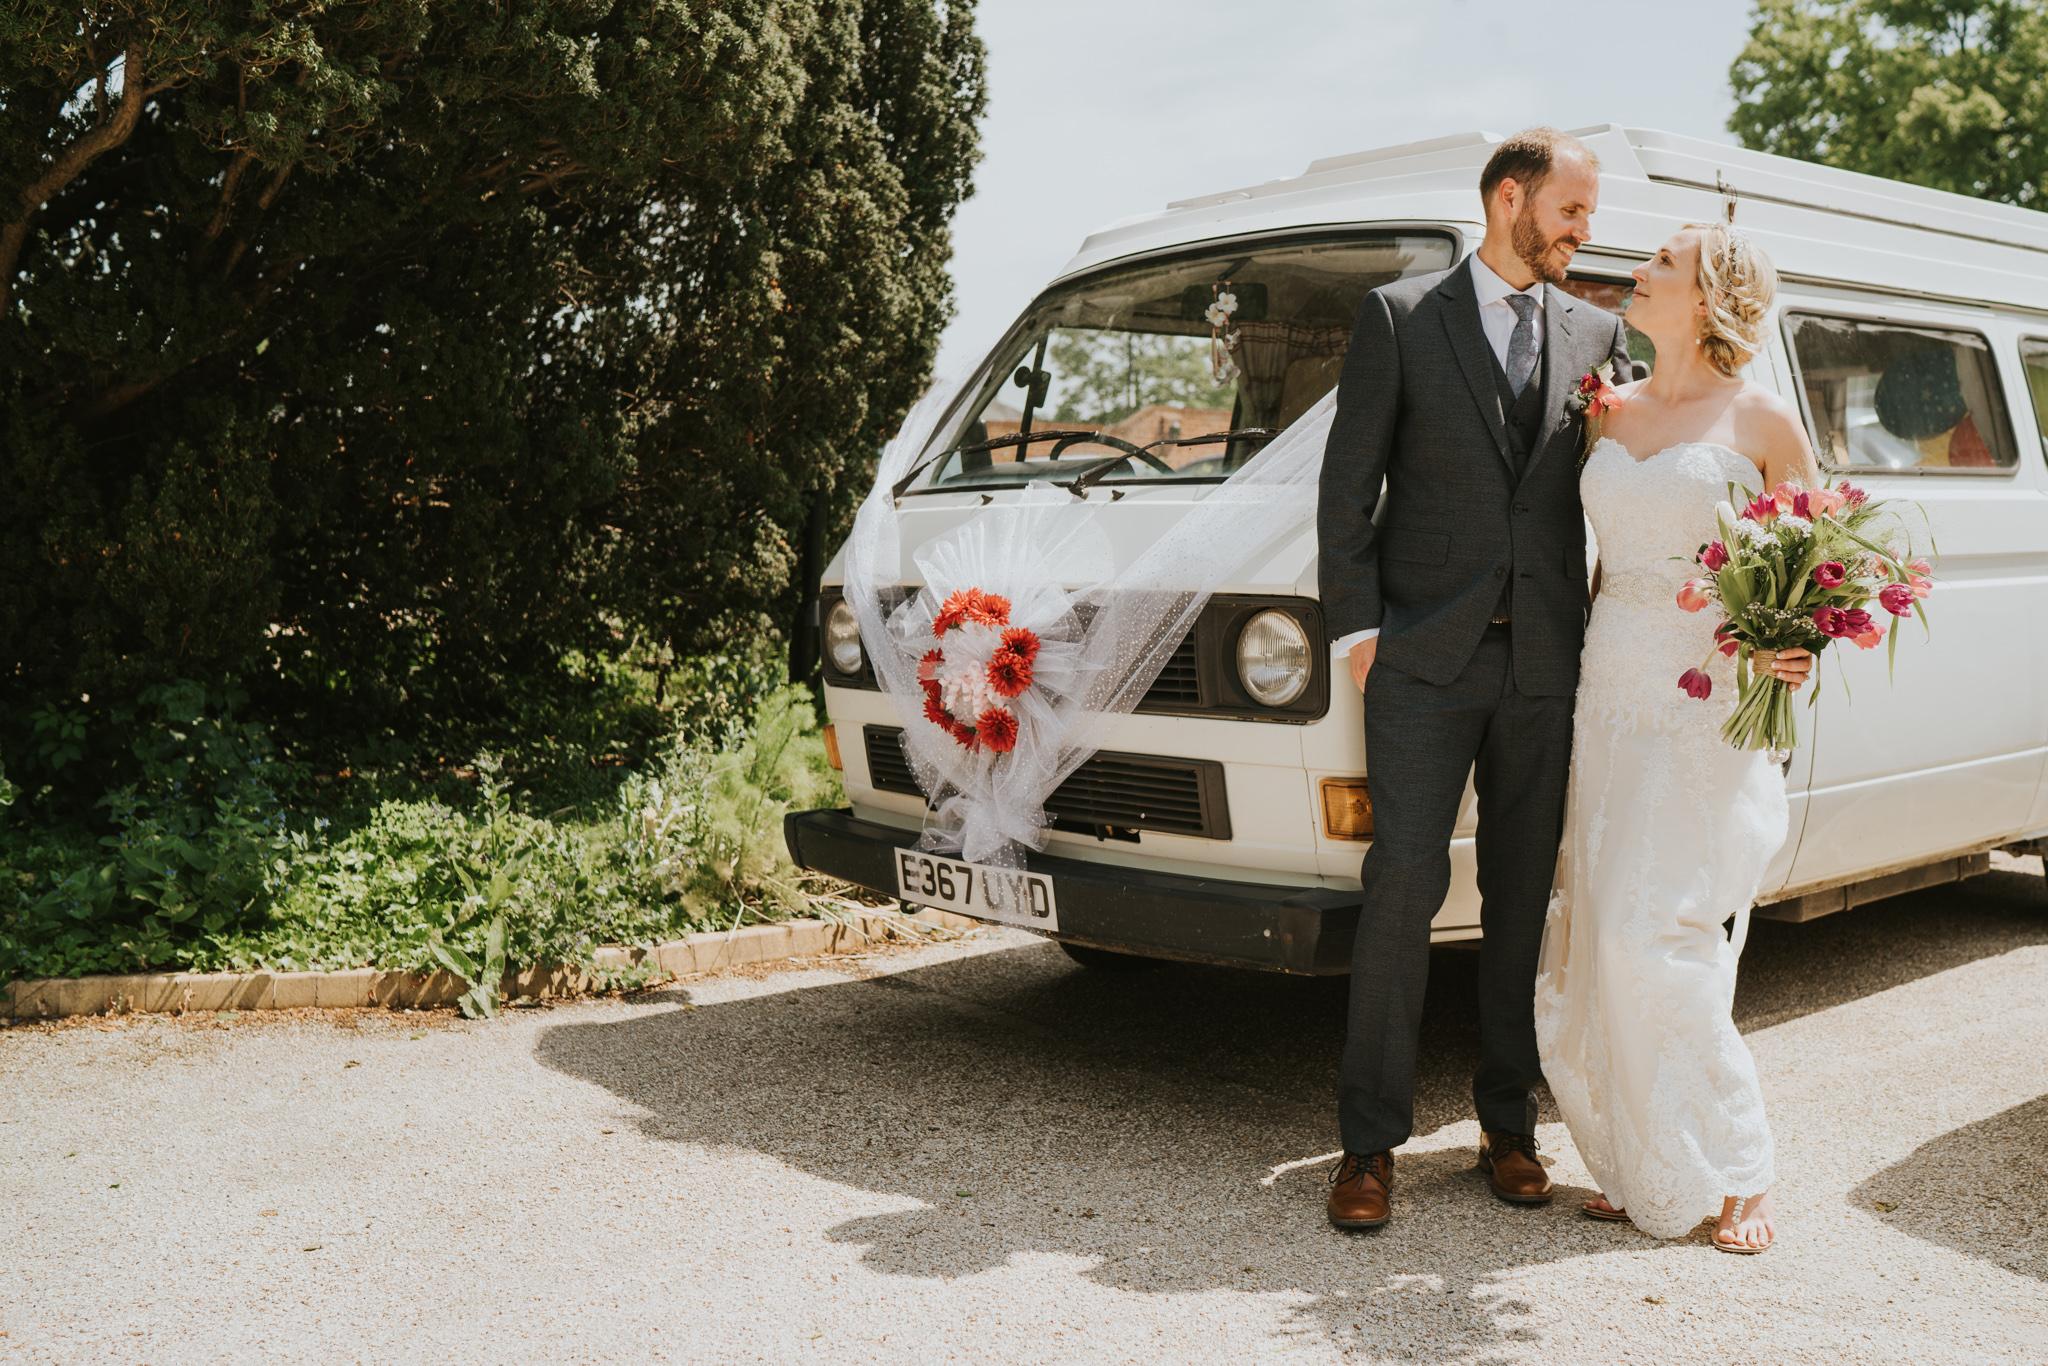 grace-elizabeth-essex-wedding-photographer-best-2018-highlights-norfolk-essex-devon-suffolk (31 of 100).jpg